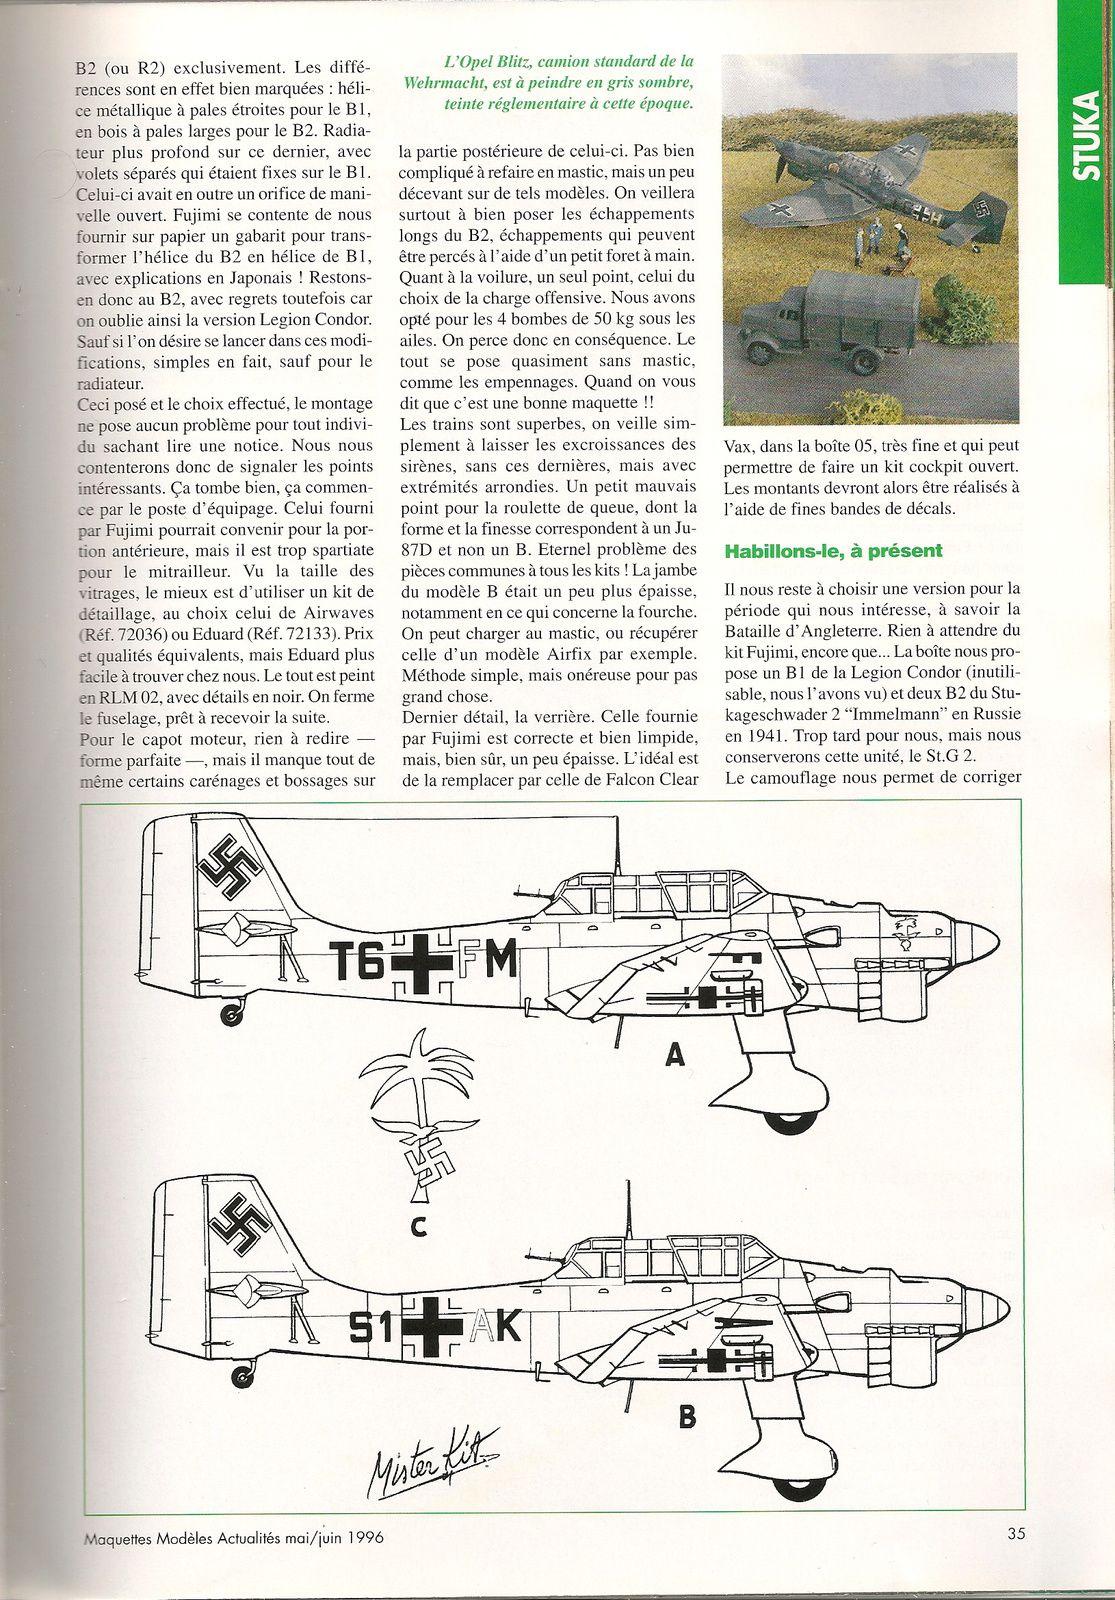 Junker  JU 88 B